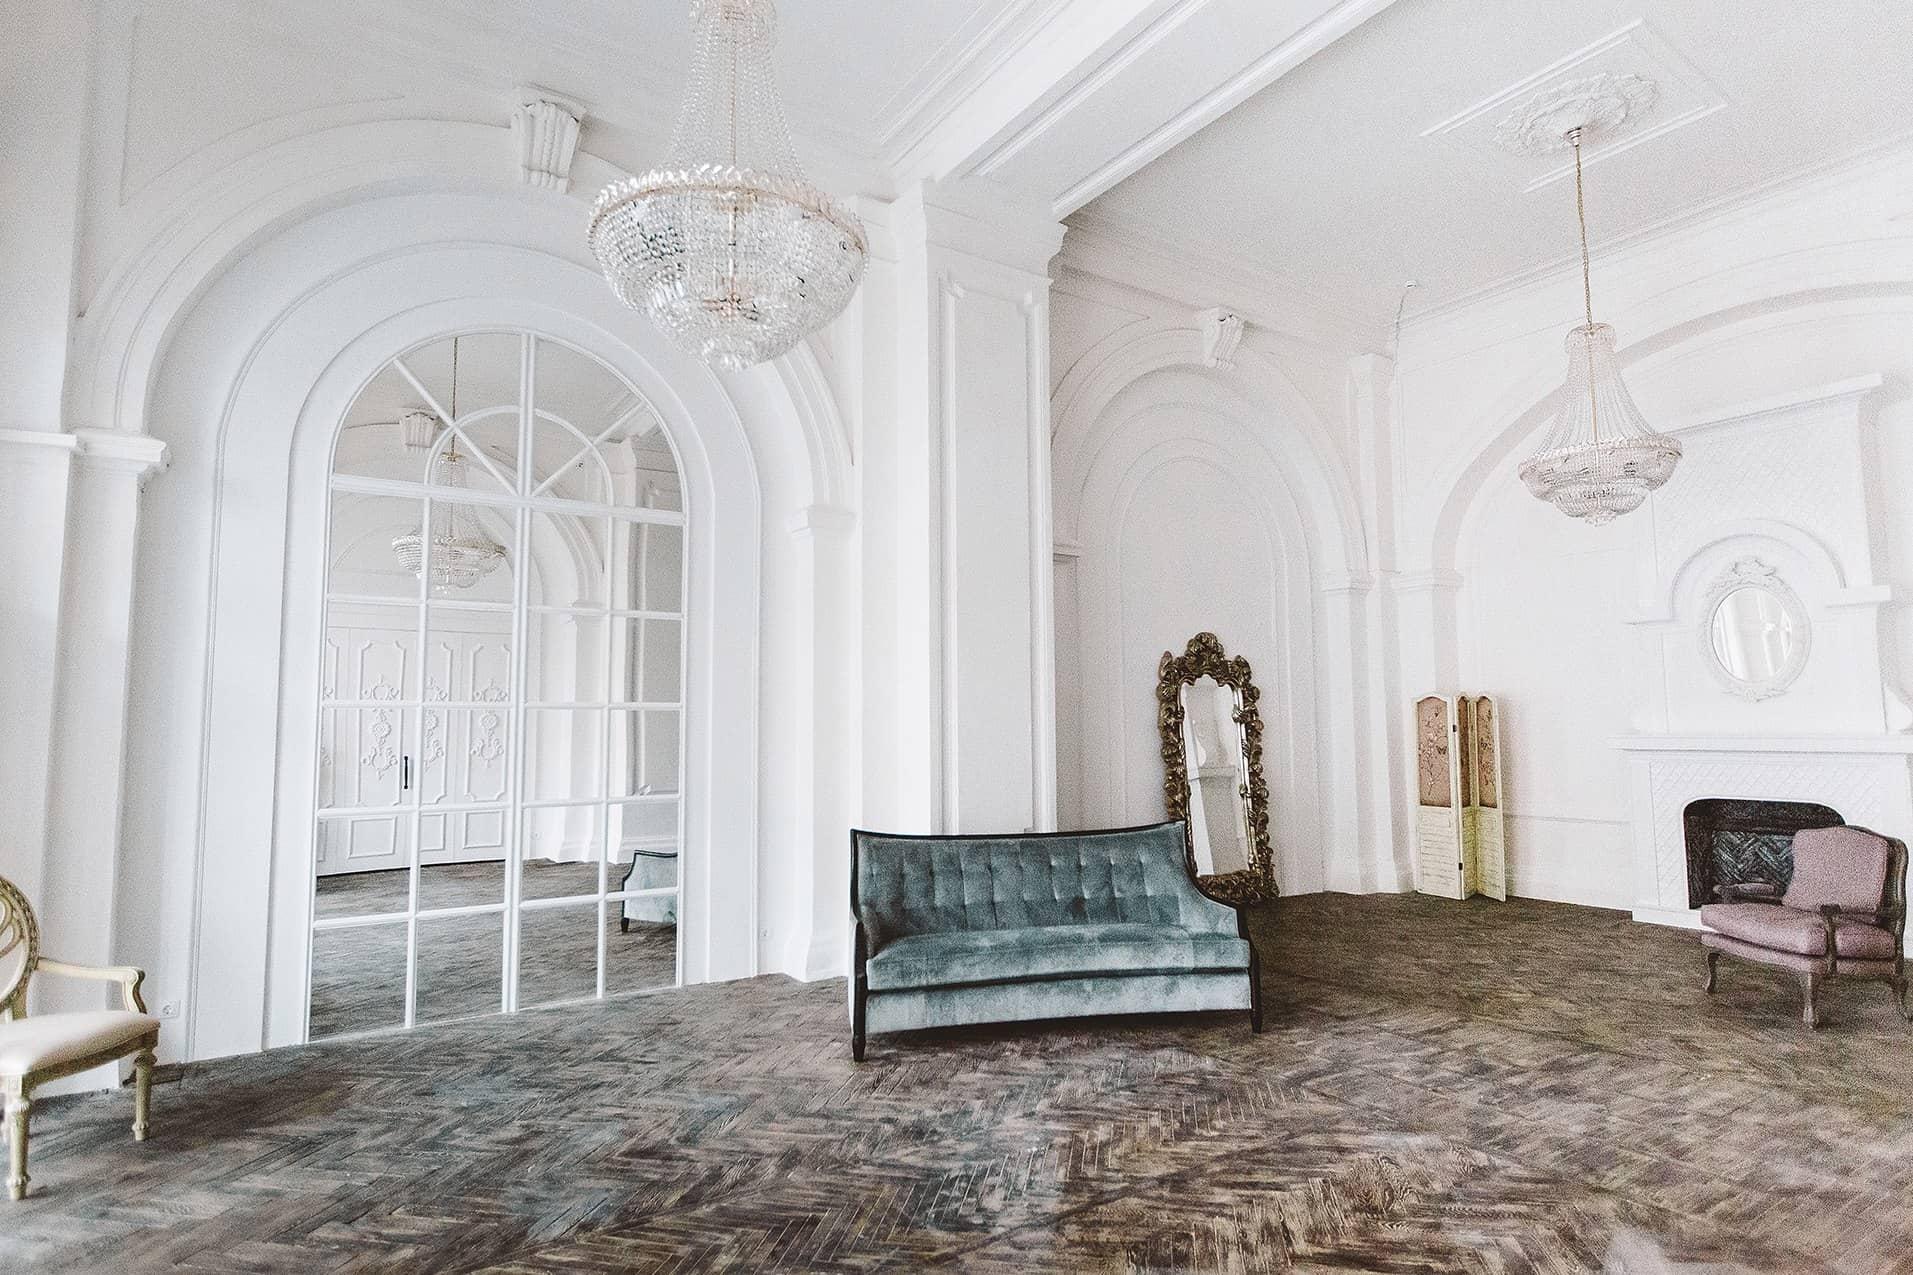 Фотостудия в стиле дворца